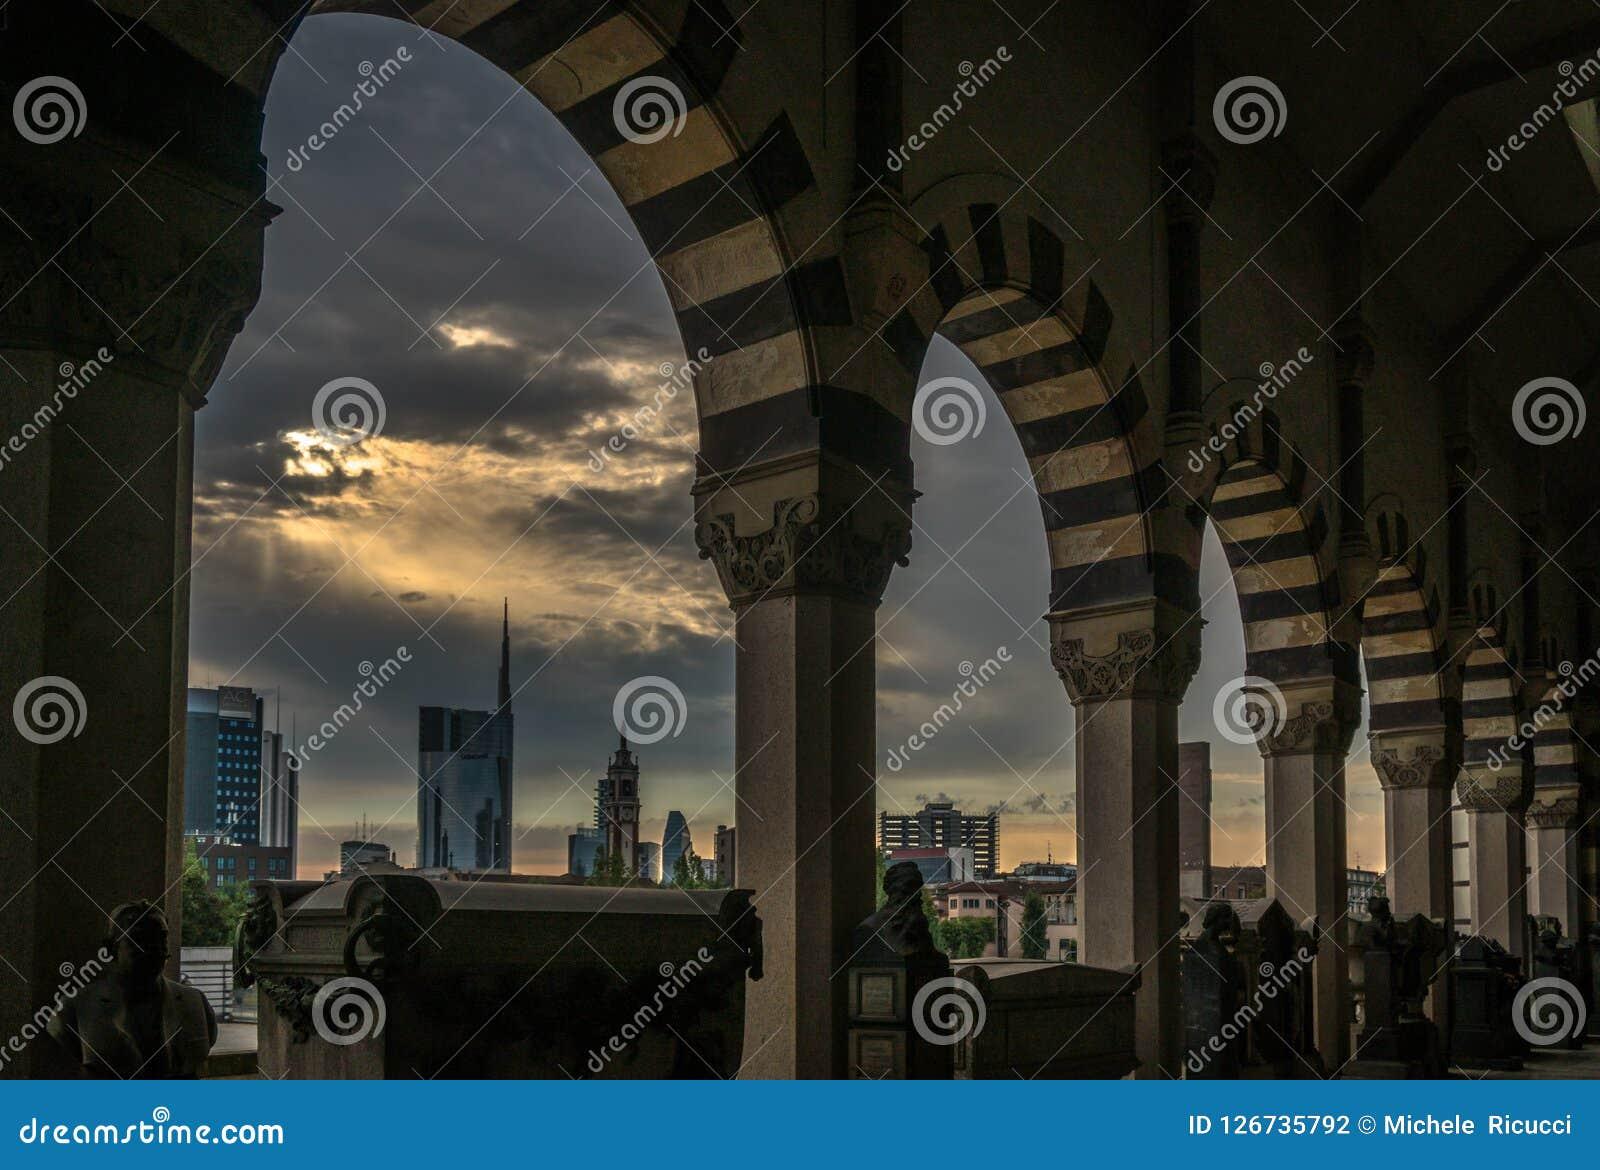 Άποψη οριζόντων του Μιλάνου σε μια νεφελώδη ημέρα με τον επικό ουρανό